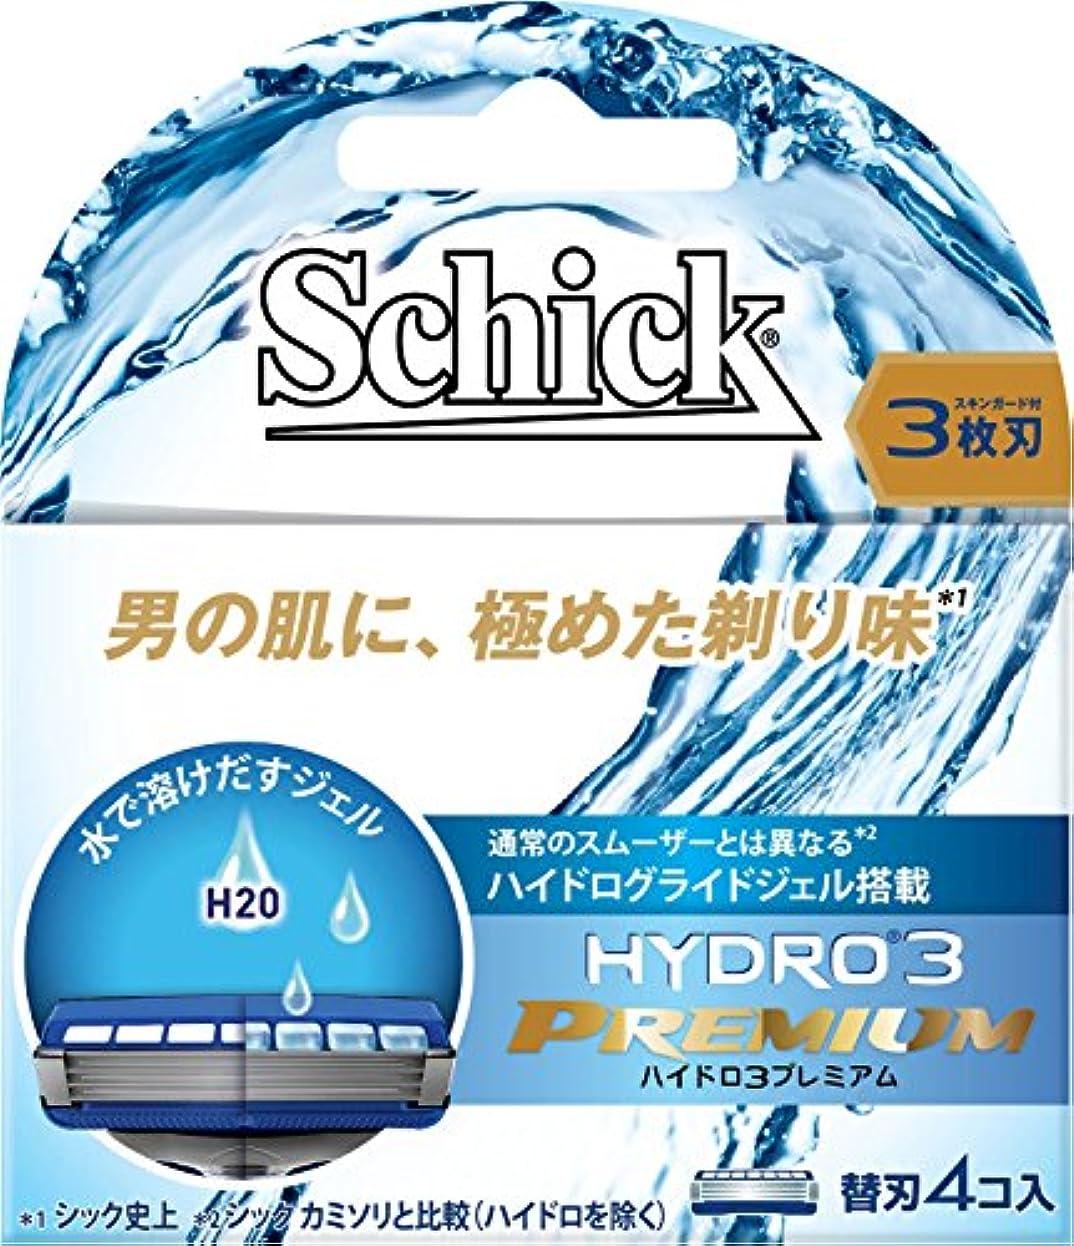 療法市場断言するシック Schick 3枚刃 ハイドロ3プレミアム 替刃 (4コ入)